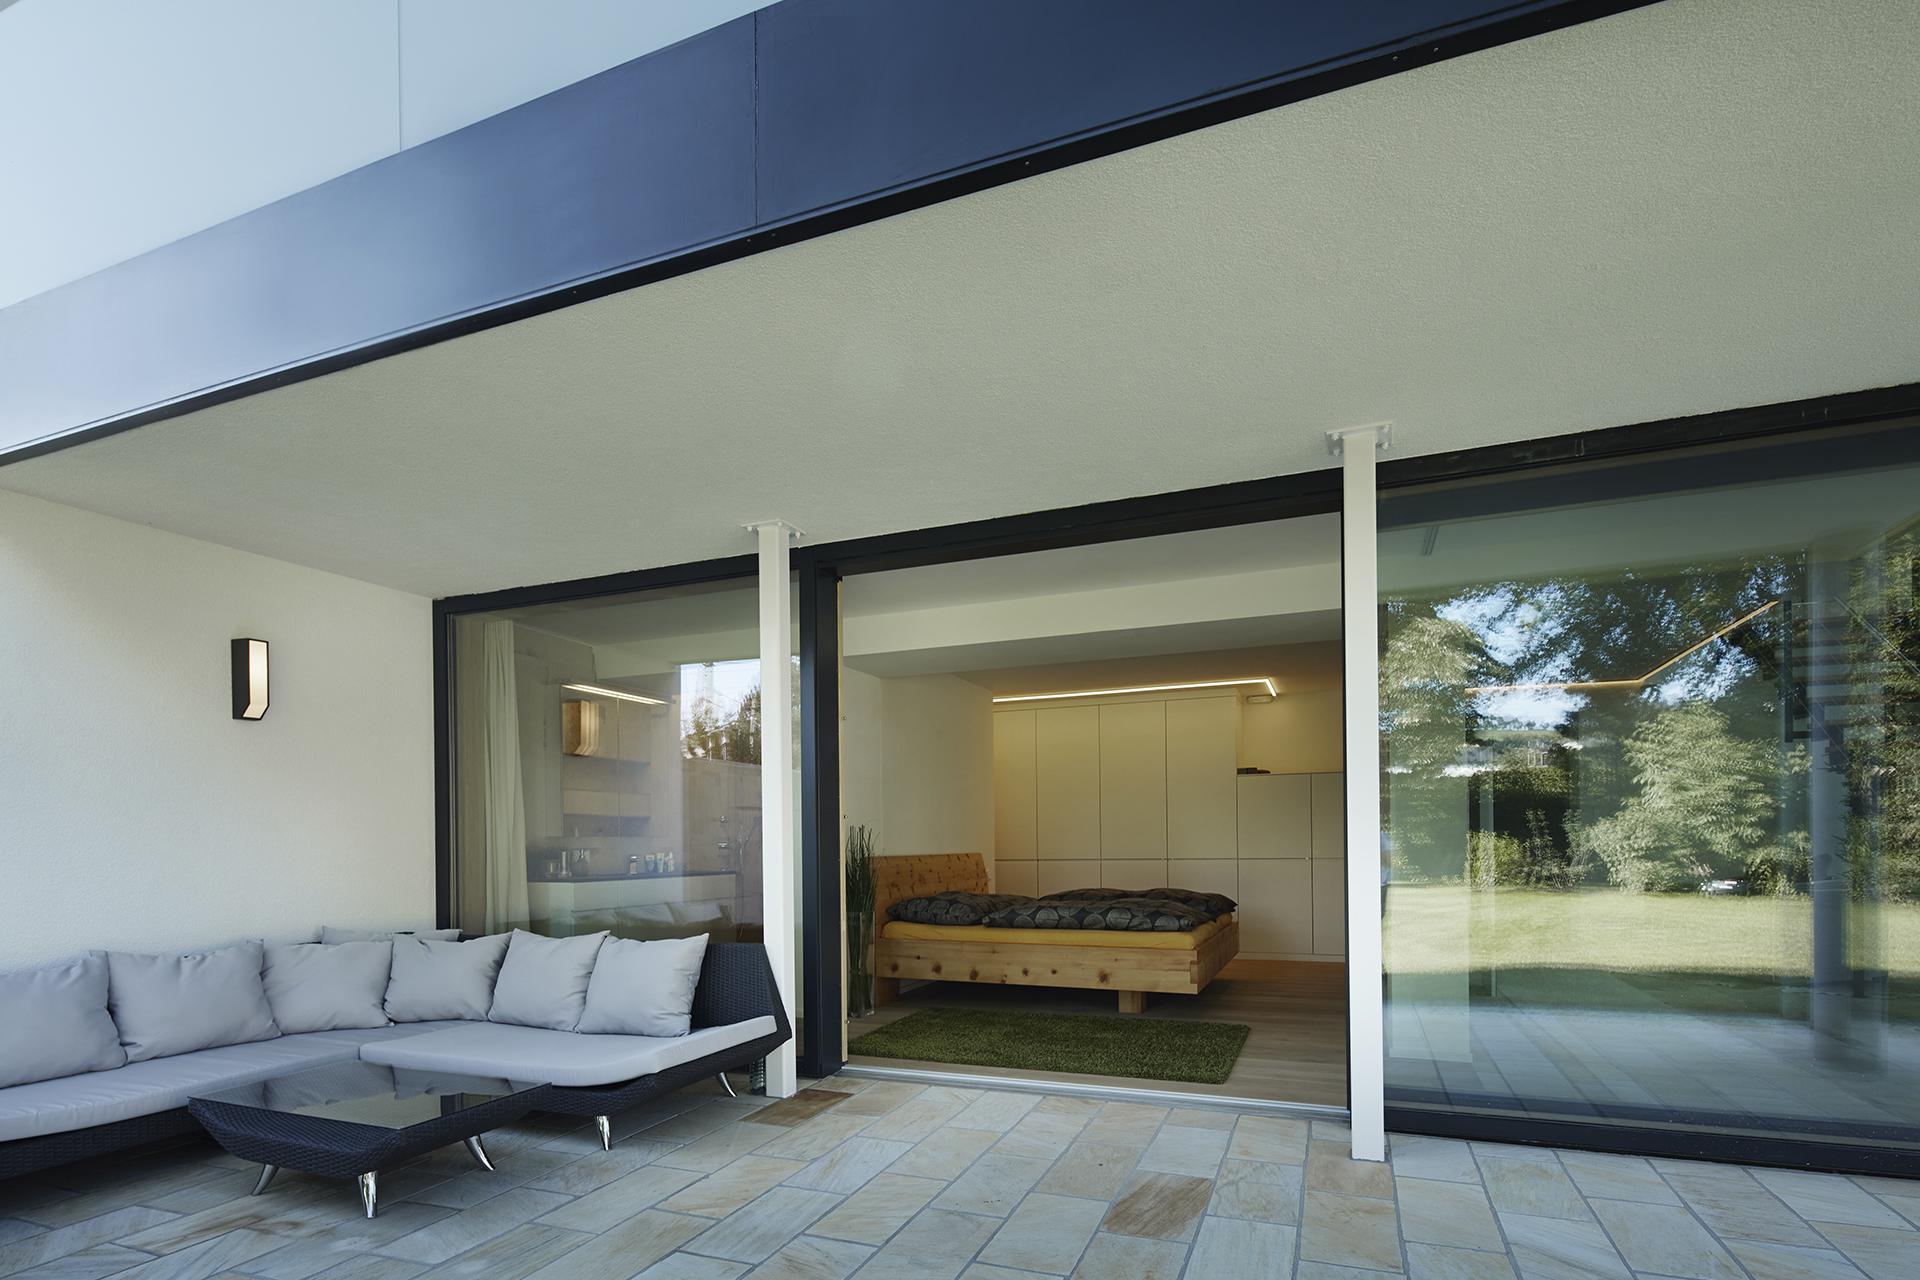 Beeindruckend Fassade Haus Sammlung Von Glasfassade W